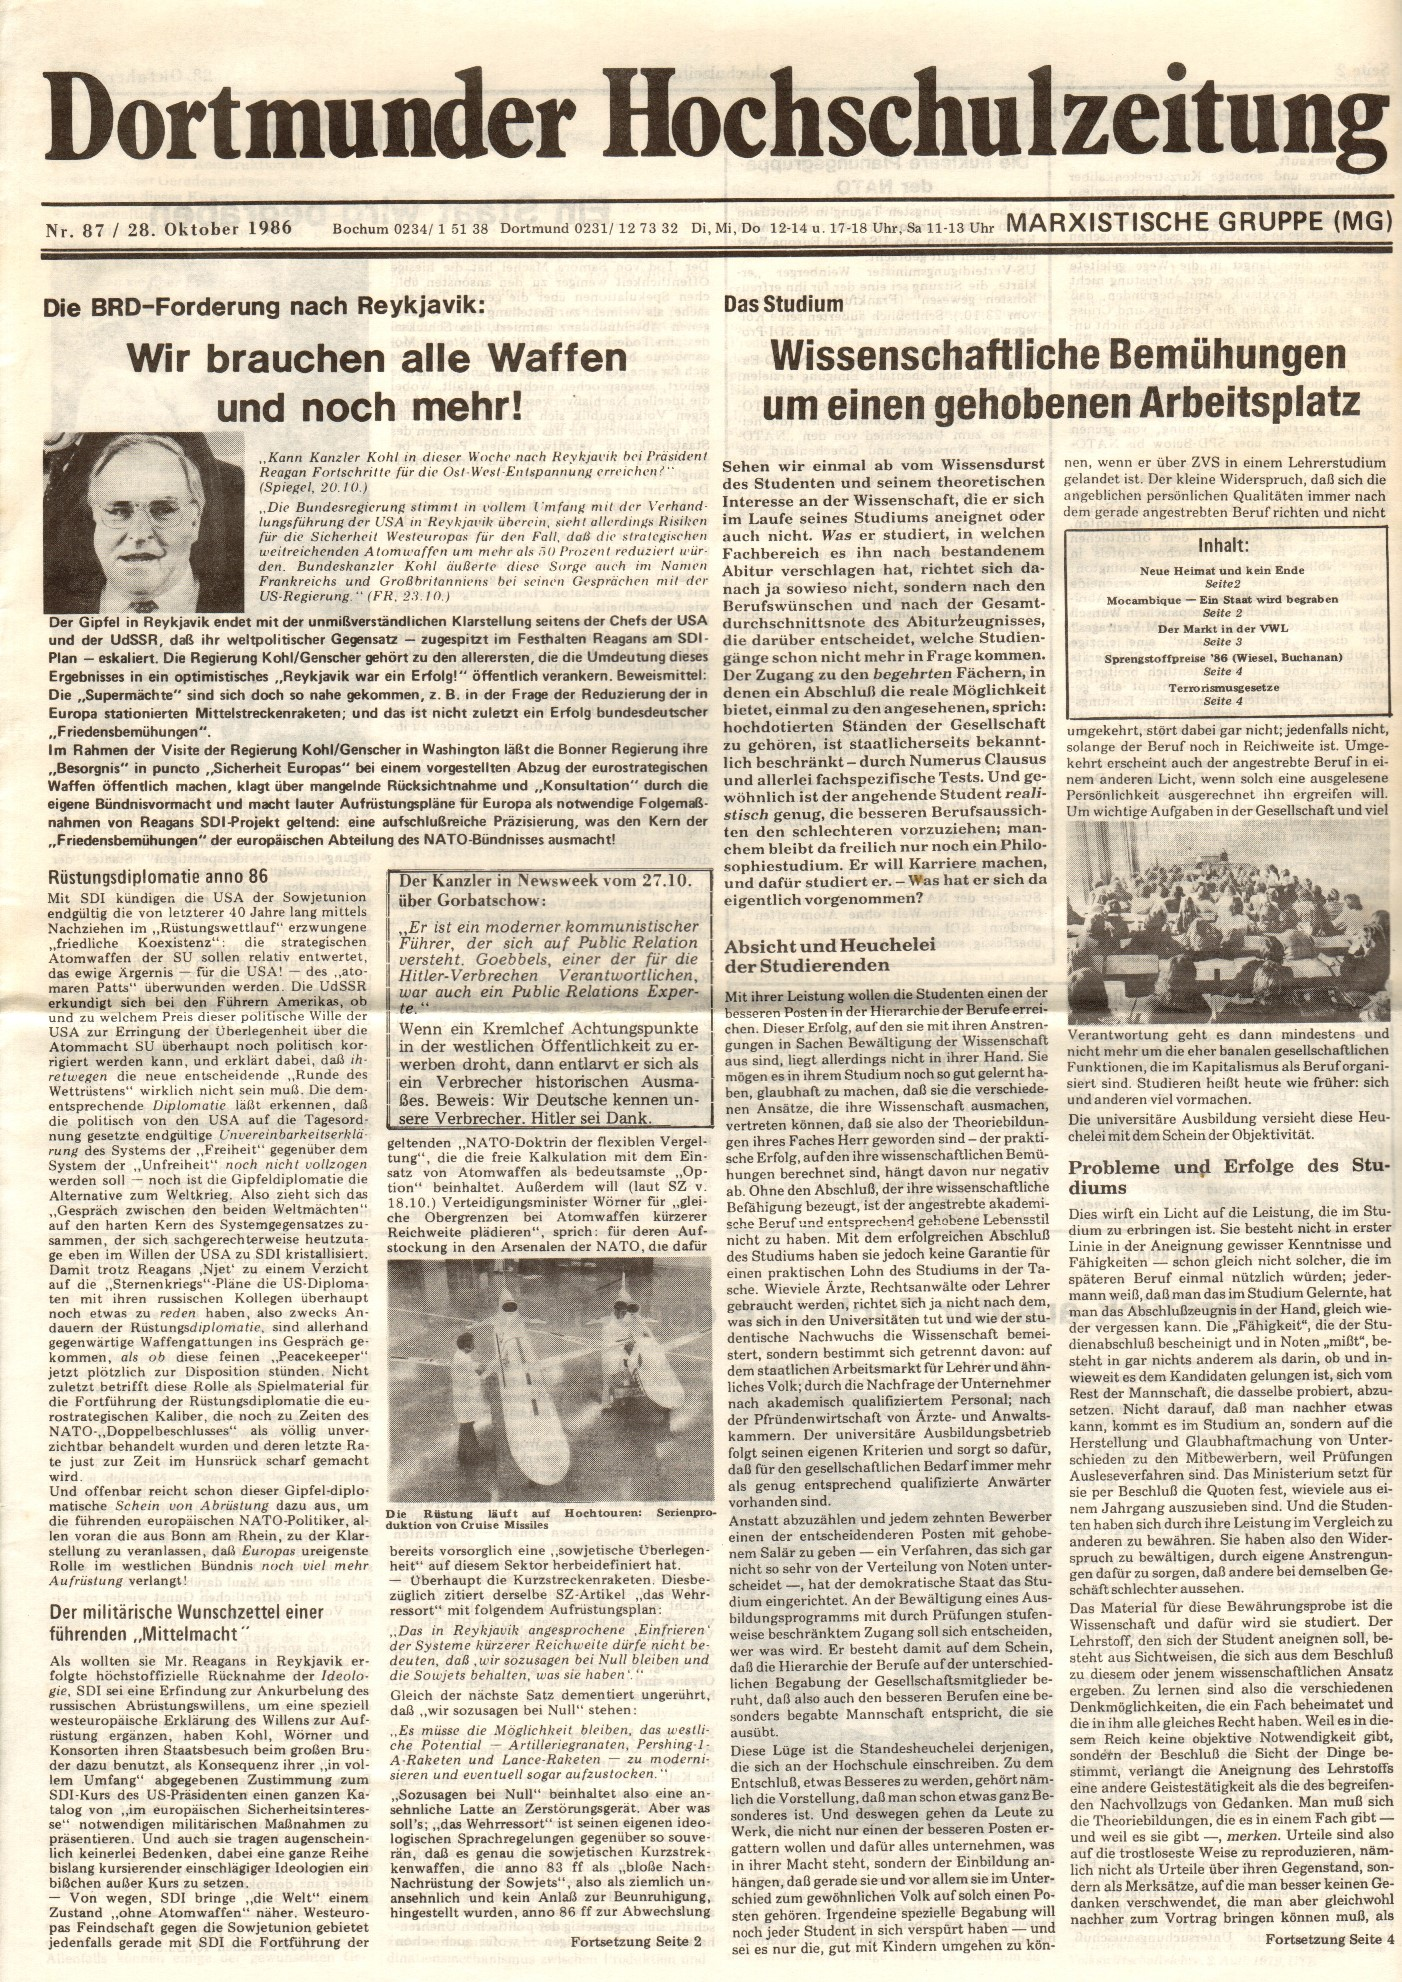 MG_Dortmunder_Hochschulzeitung_19861028_01